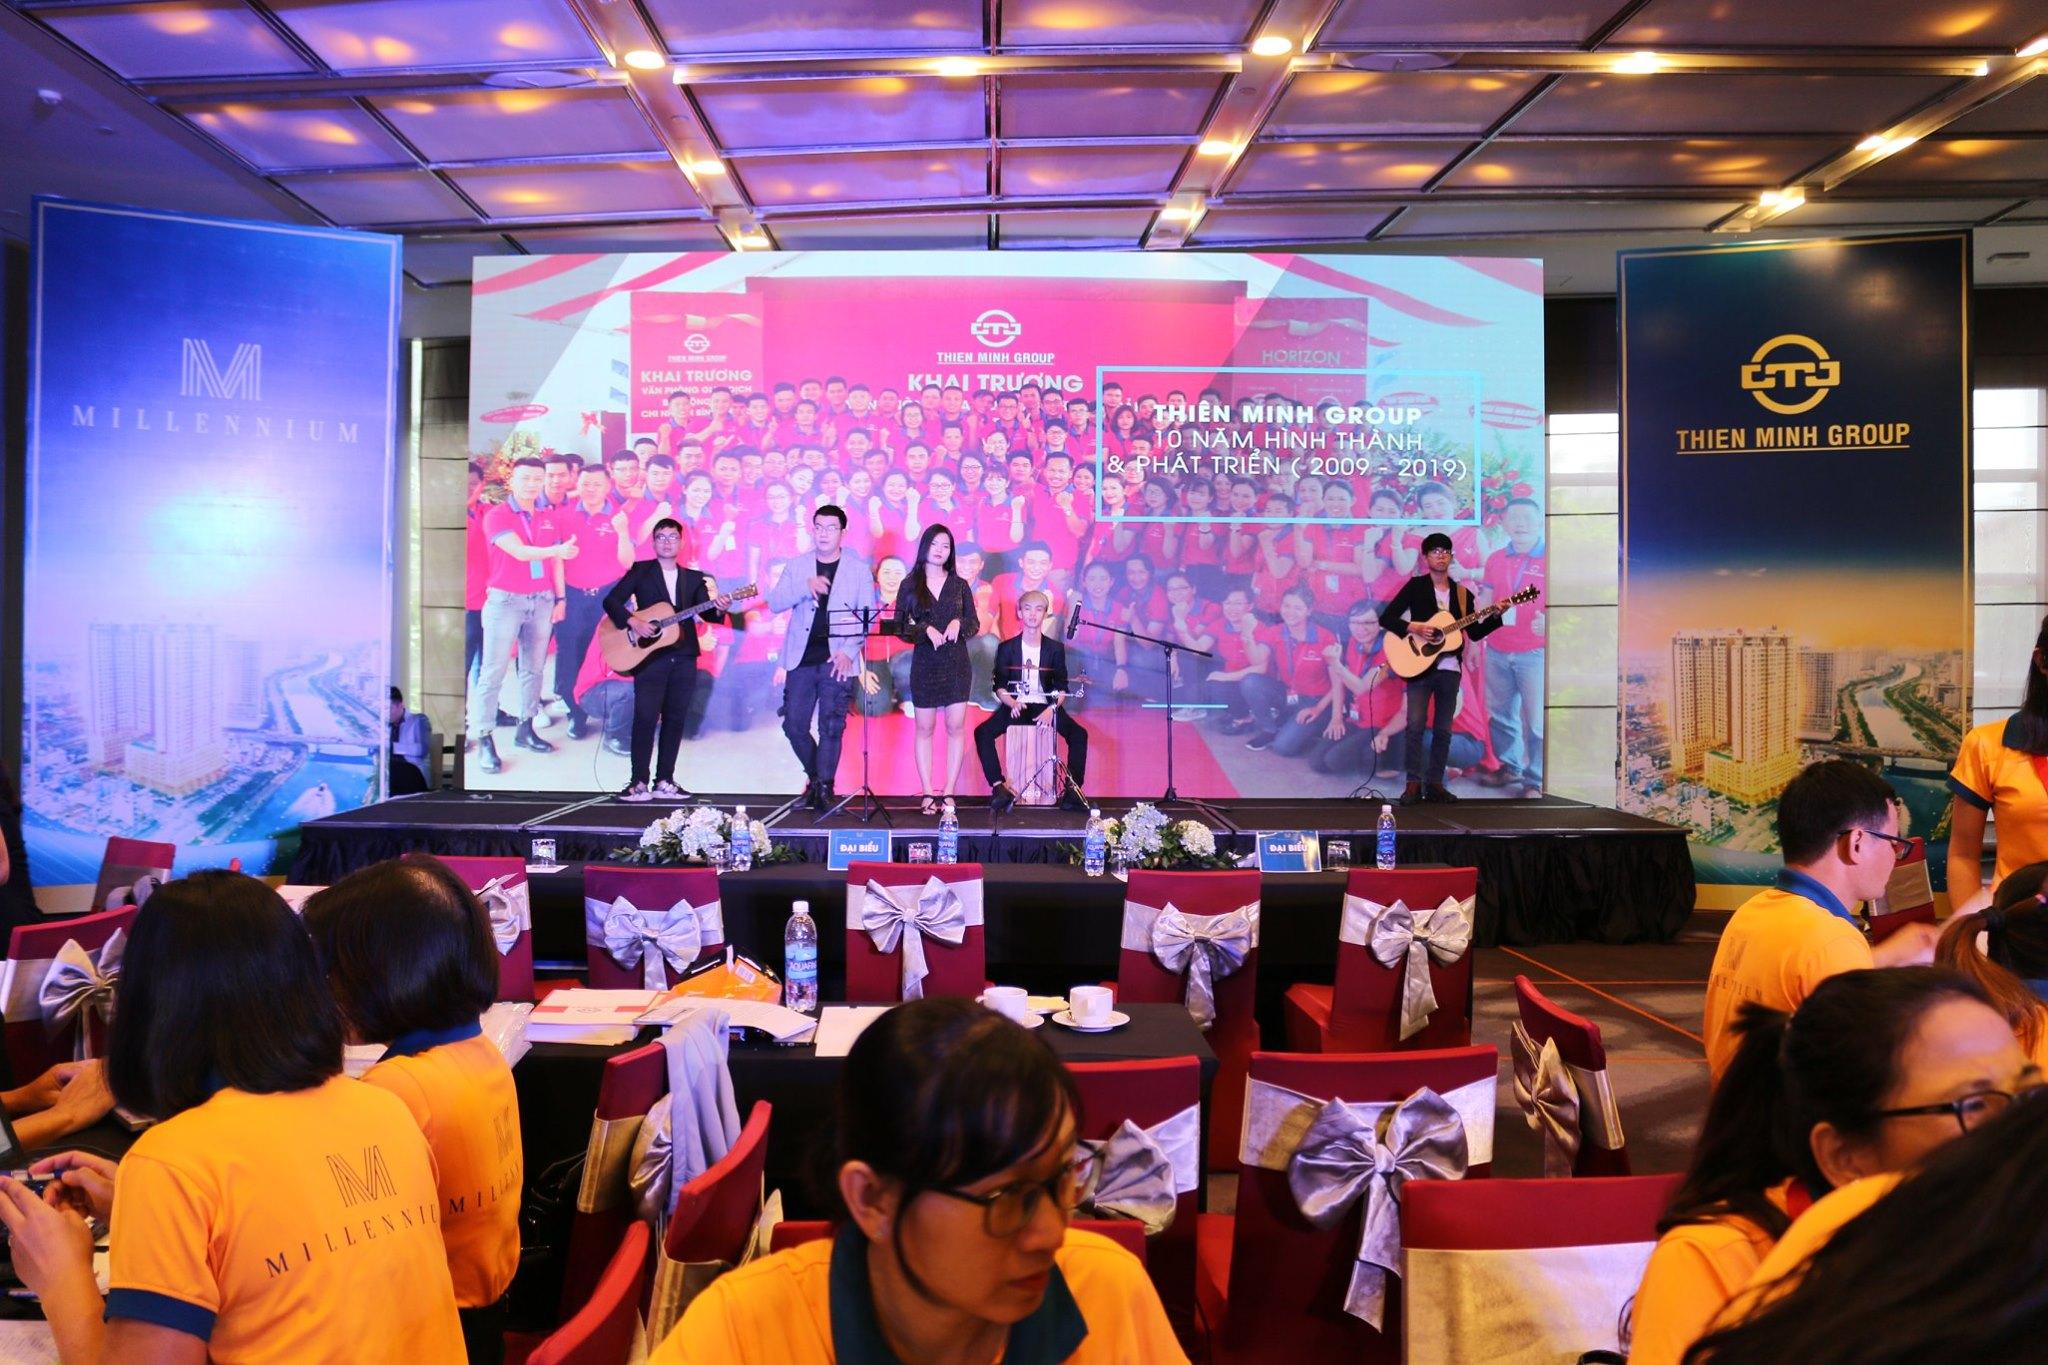 """Sự kiện """" Cơ hội sở hữu văn phòng hạng sang Millennium """" 30.6.2019 tại Pullman Saigon Center"""